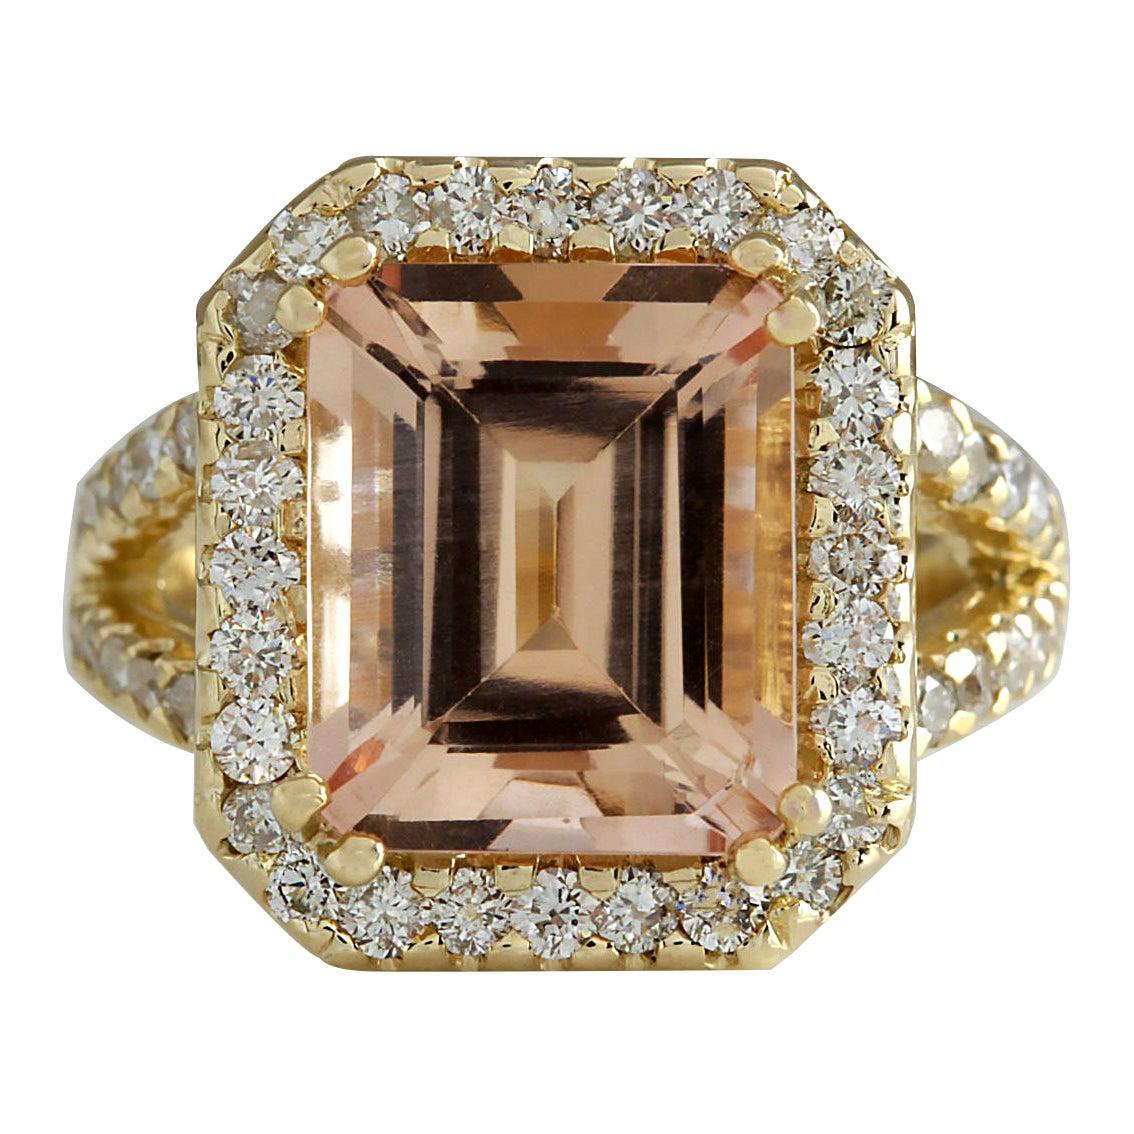 6.92 Carat Natural Morganite 18 Karat Yellow Gold Diamond Ring